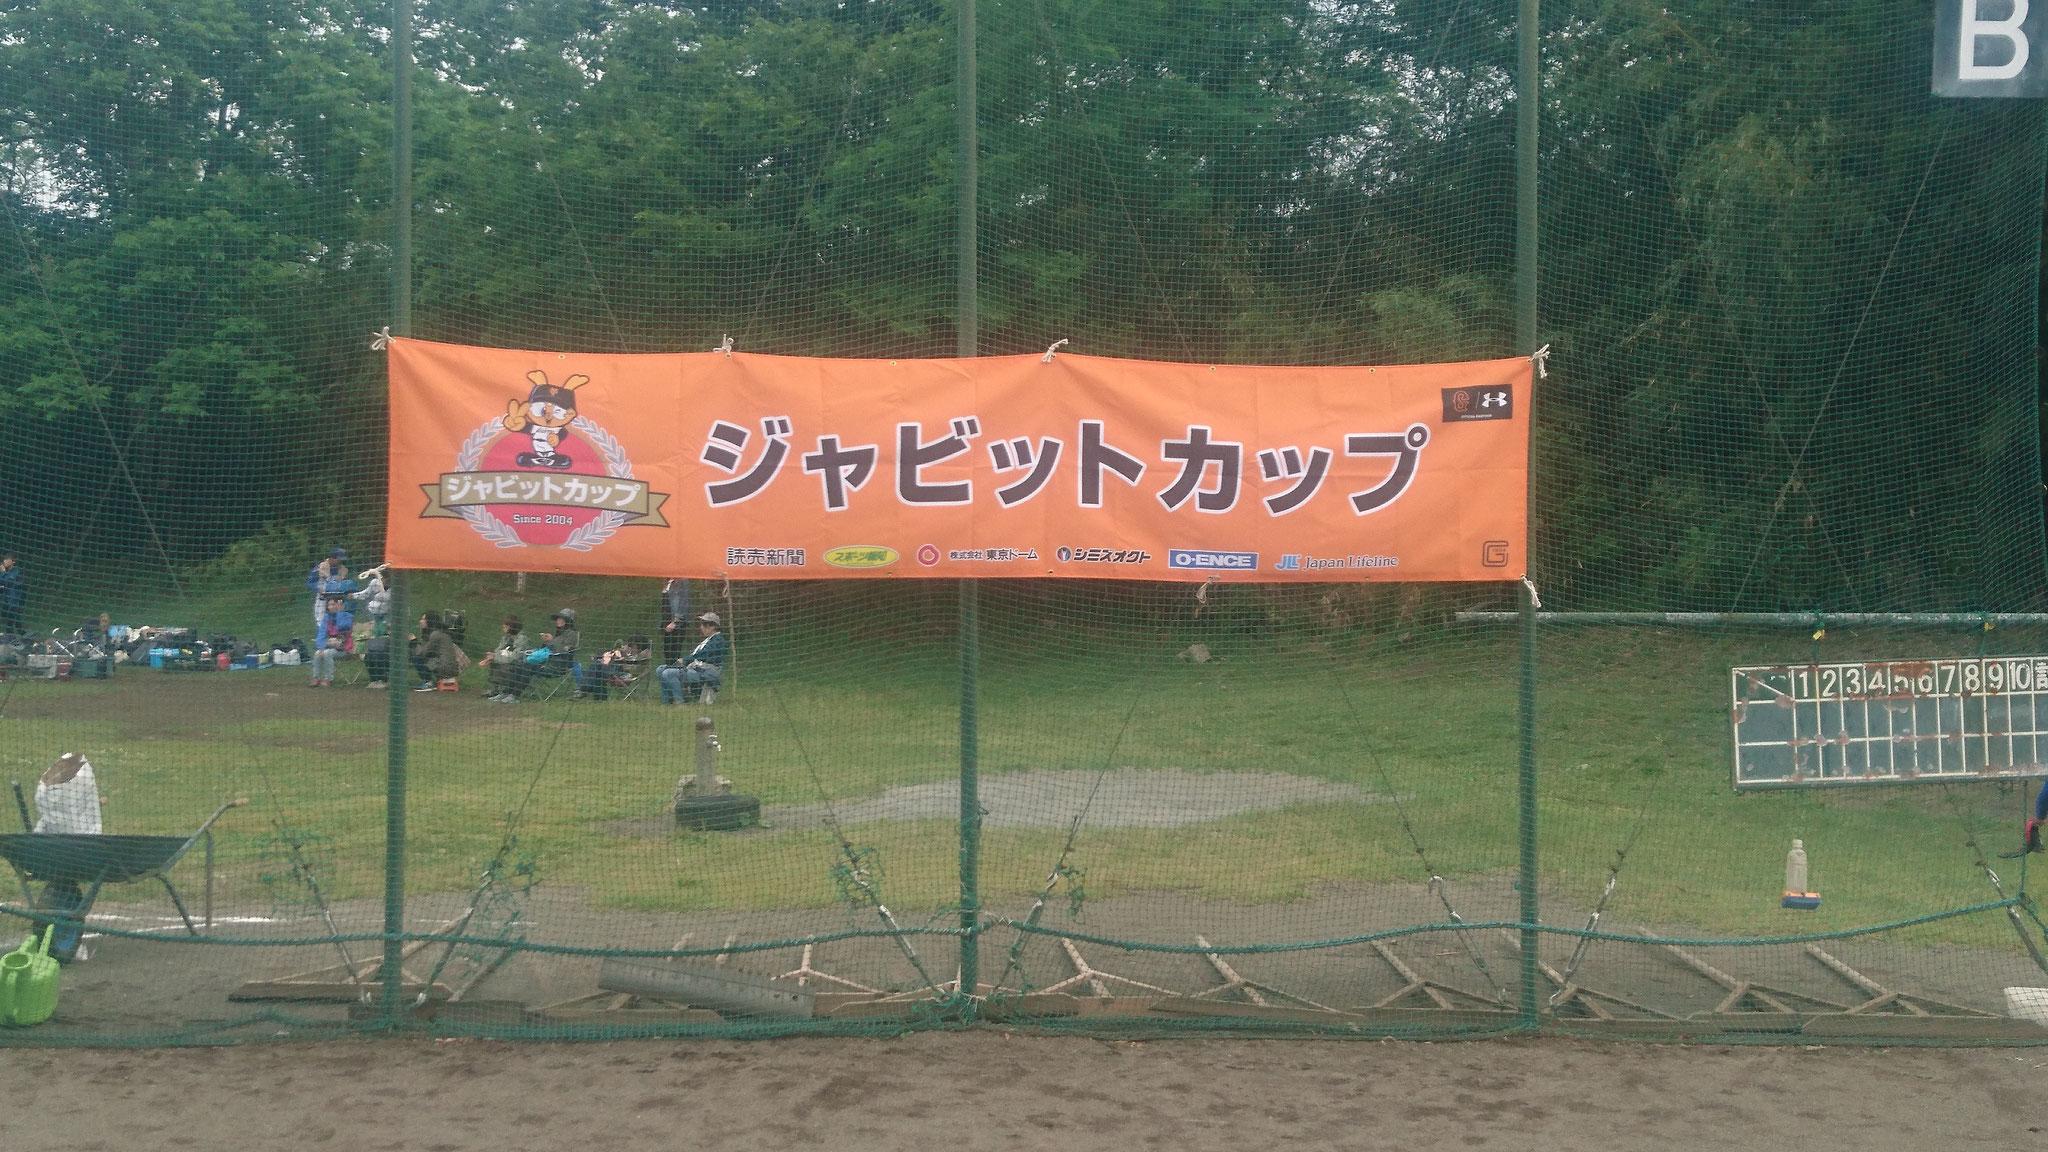 ジャビットカップ・八王子大会開幕 2018年5月13日